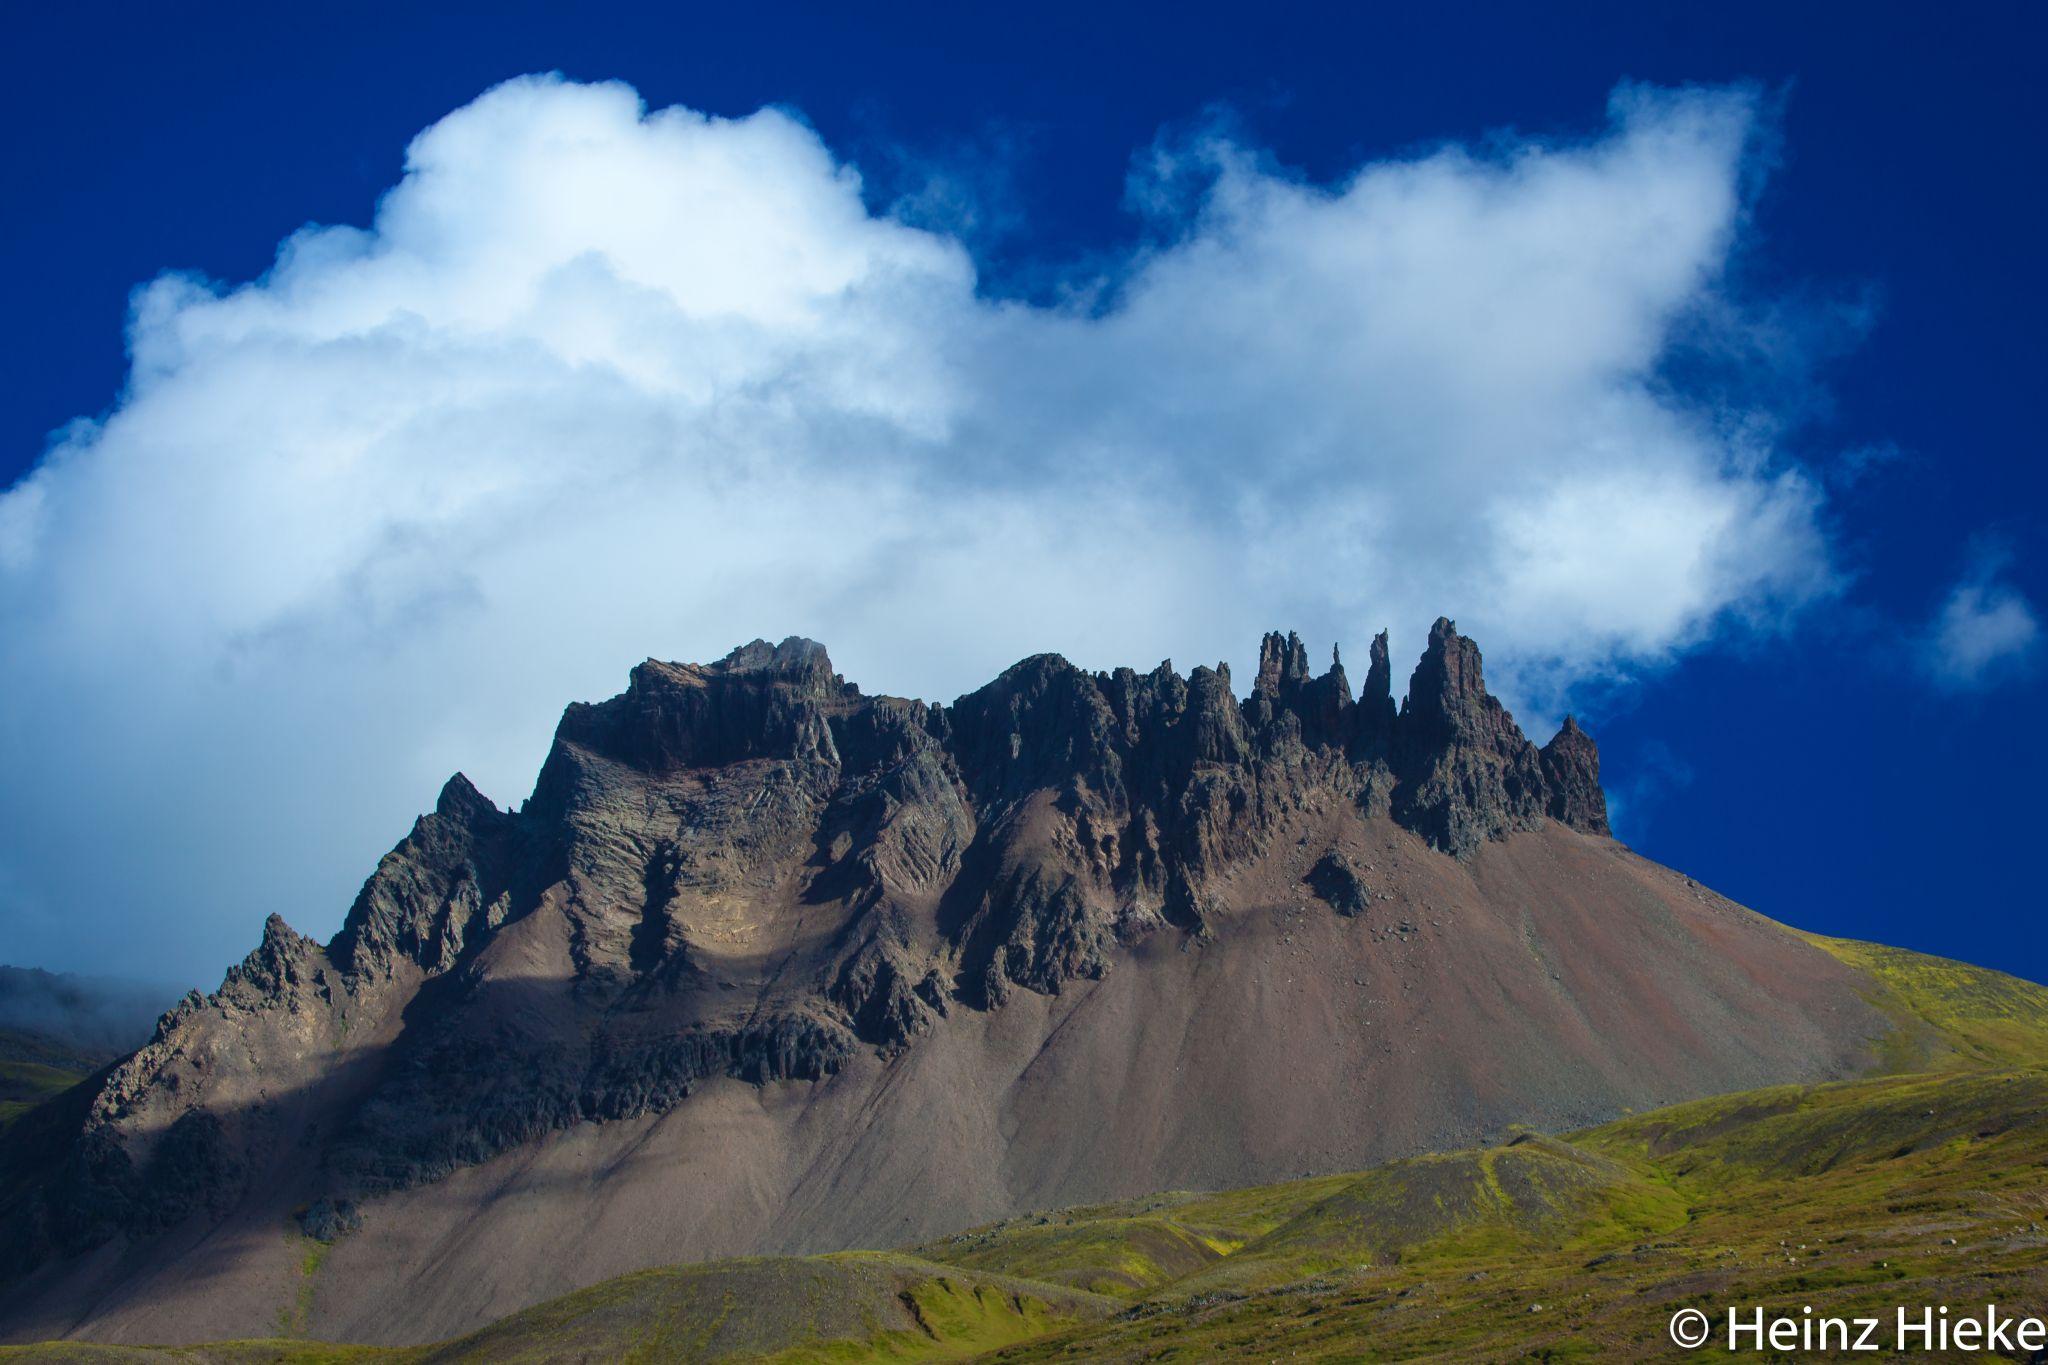 Berufjörður, Iceland